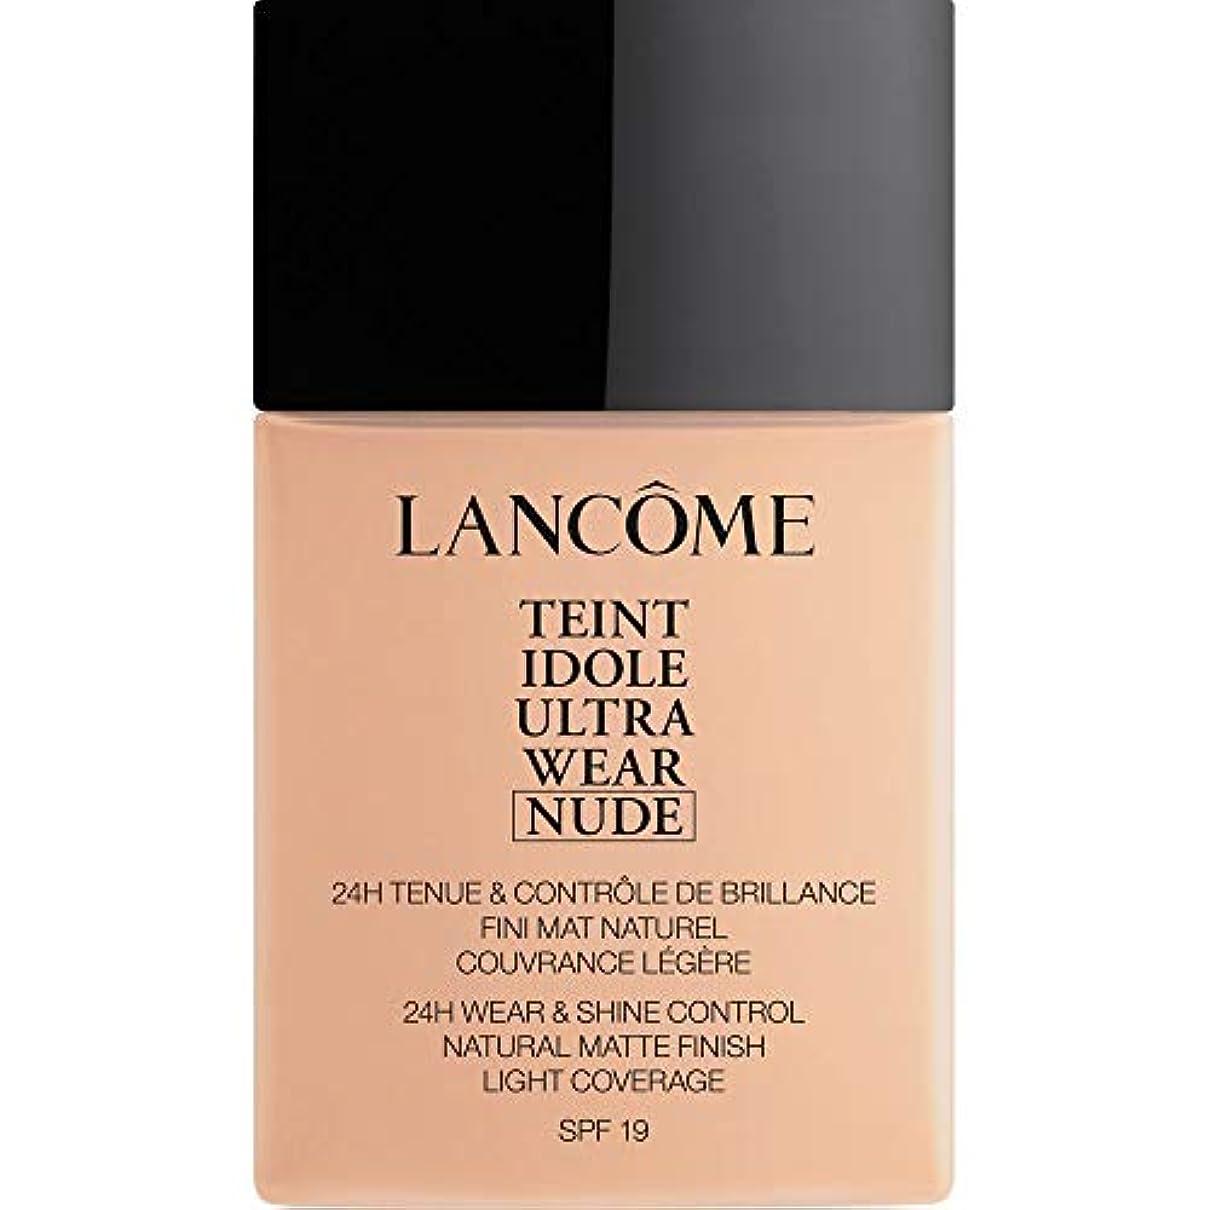 始まり発明する添加剤[Lanc?me ] ランコムTeintのIdole超摩耗ヌード財団Spf19の40ミリリットル011 - ベージュCristallin - Lancome Teint Idole Ultra Wear Nude Foundation...